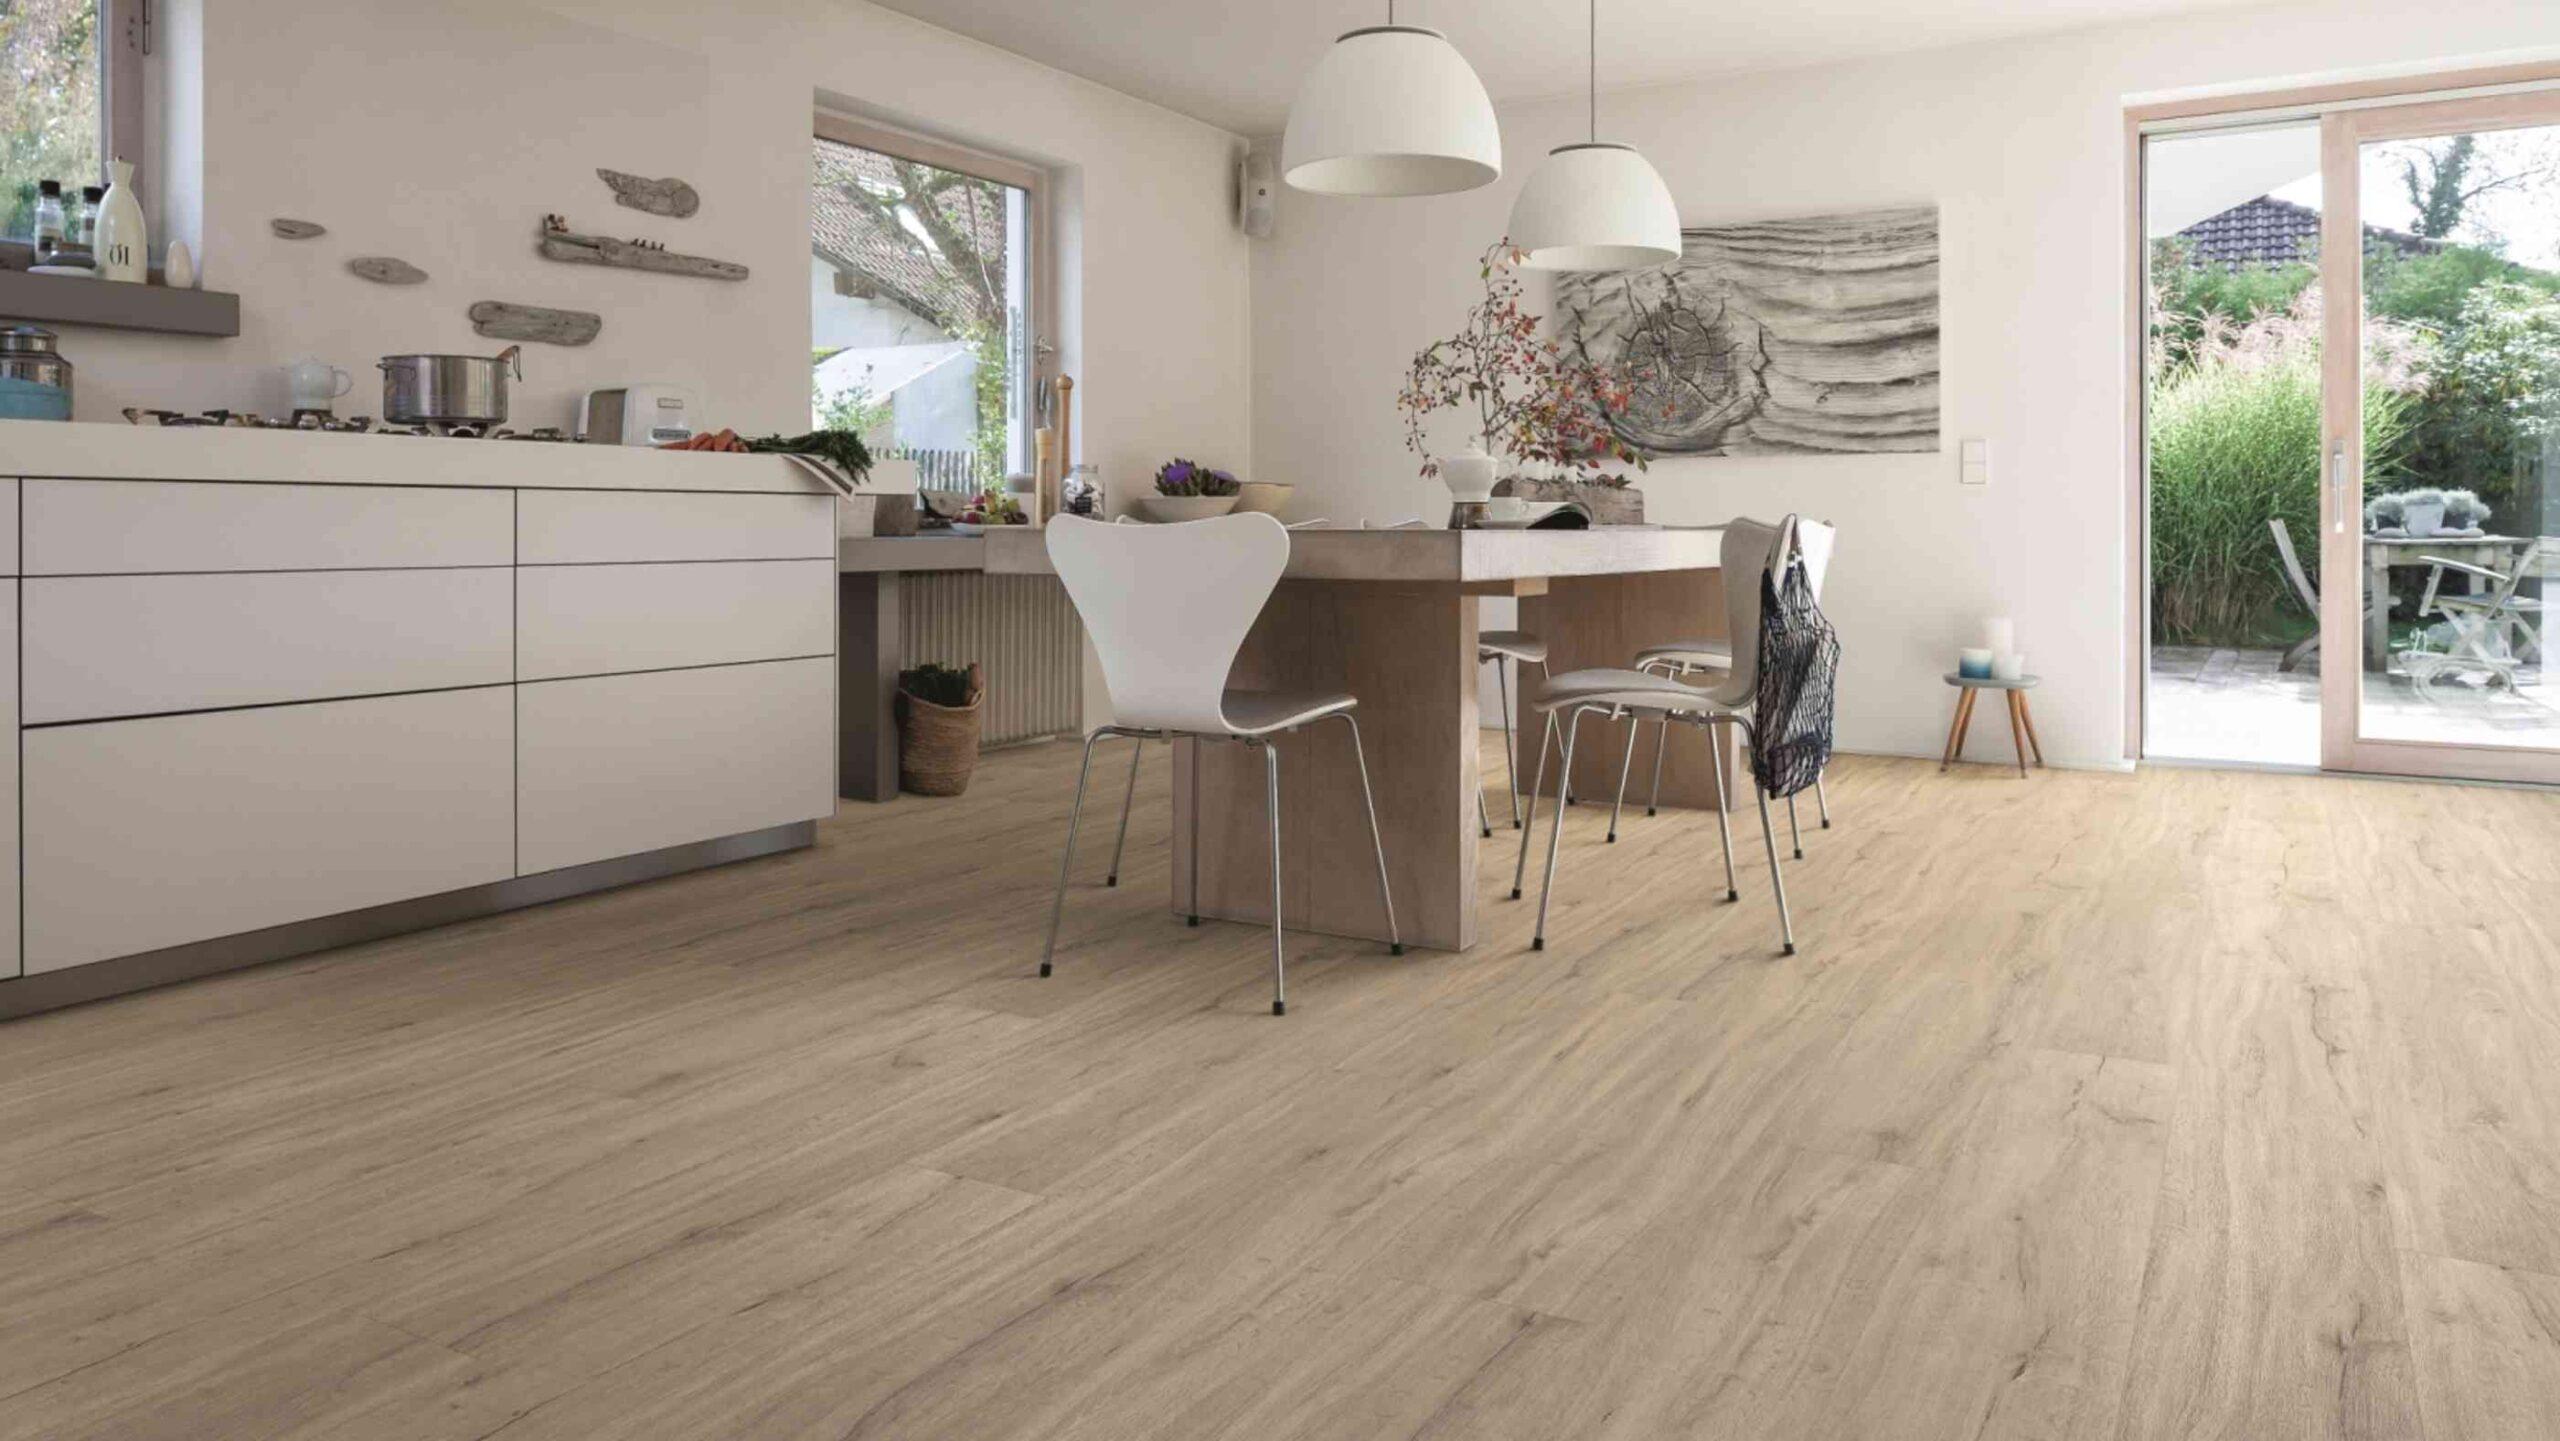 Full Size of Küchenboden Vinyl Bodenbelag Fr Kche Alles Ber Kchenboden Vinylboden Bad Badezimmer Wohnzimmer Küche Fürs Im Verlegen Wohnzimmer Küchenboden Vinyl